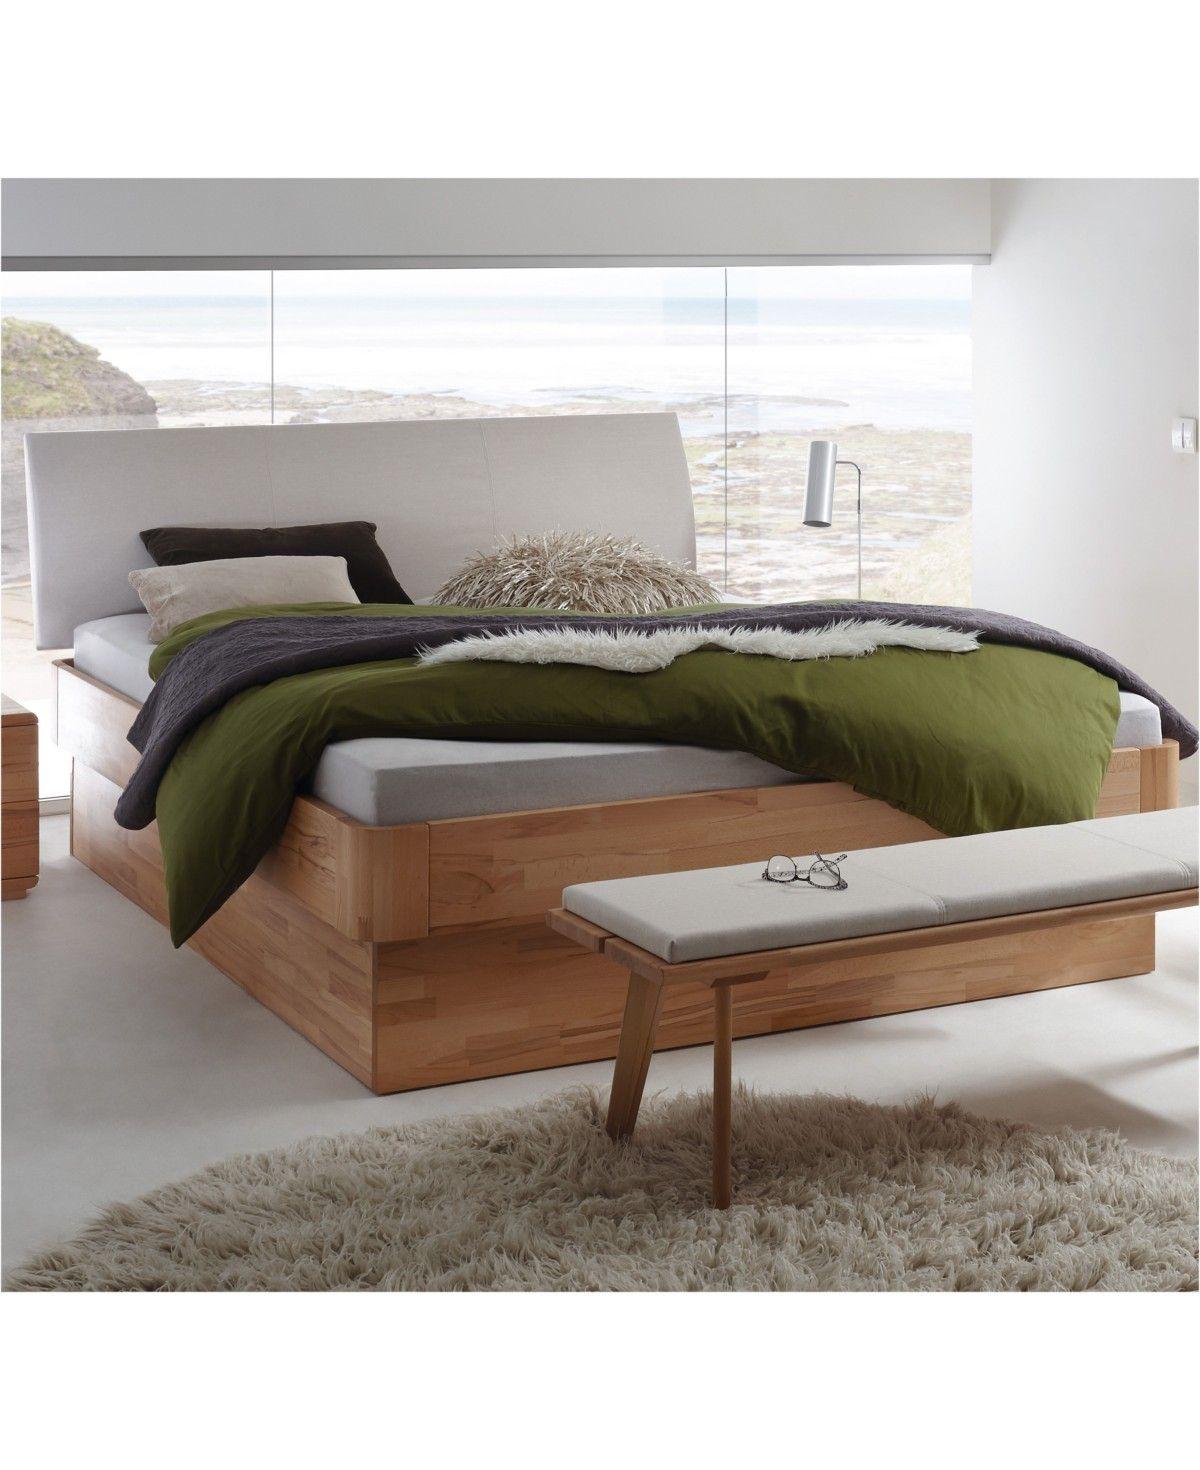 Stauraum Bett 160x200 Hochbett Mit Stauraum Selber Bauen Genial